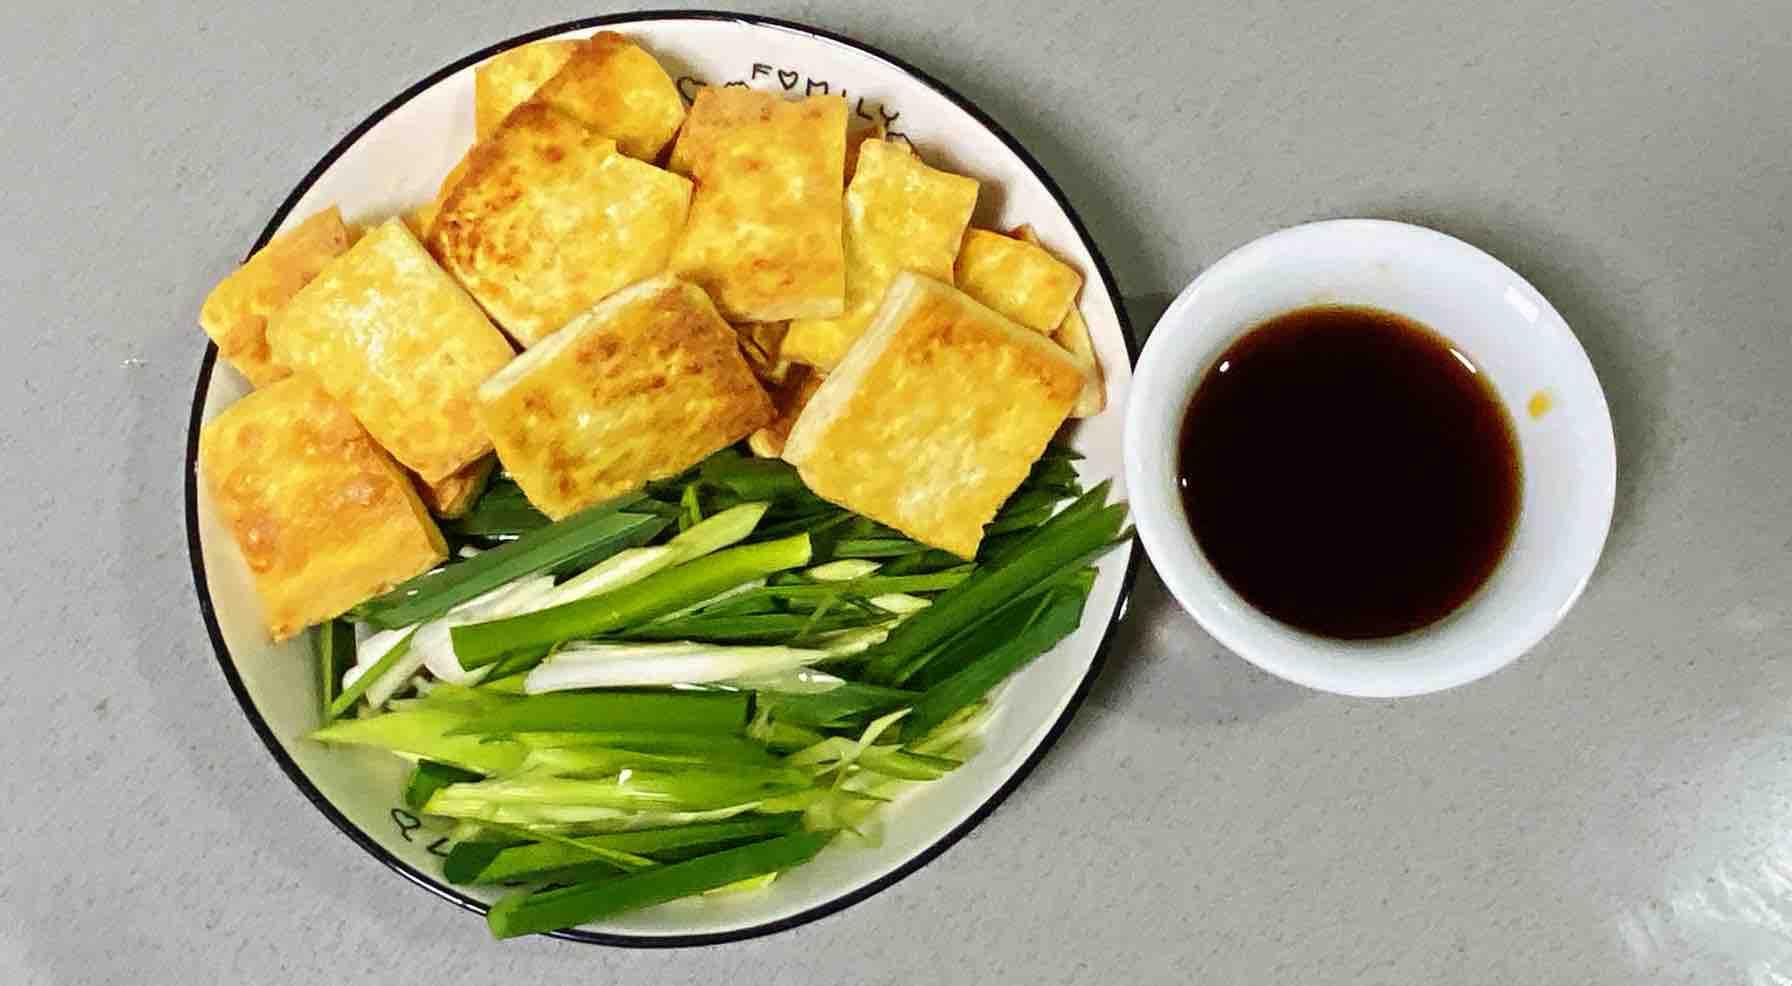 【孕妇食谱】鲍汁豆腐烧青蒜,鲜味浓郁,超级下饭~怎么吃